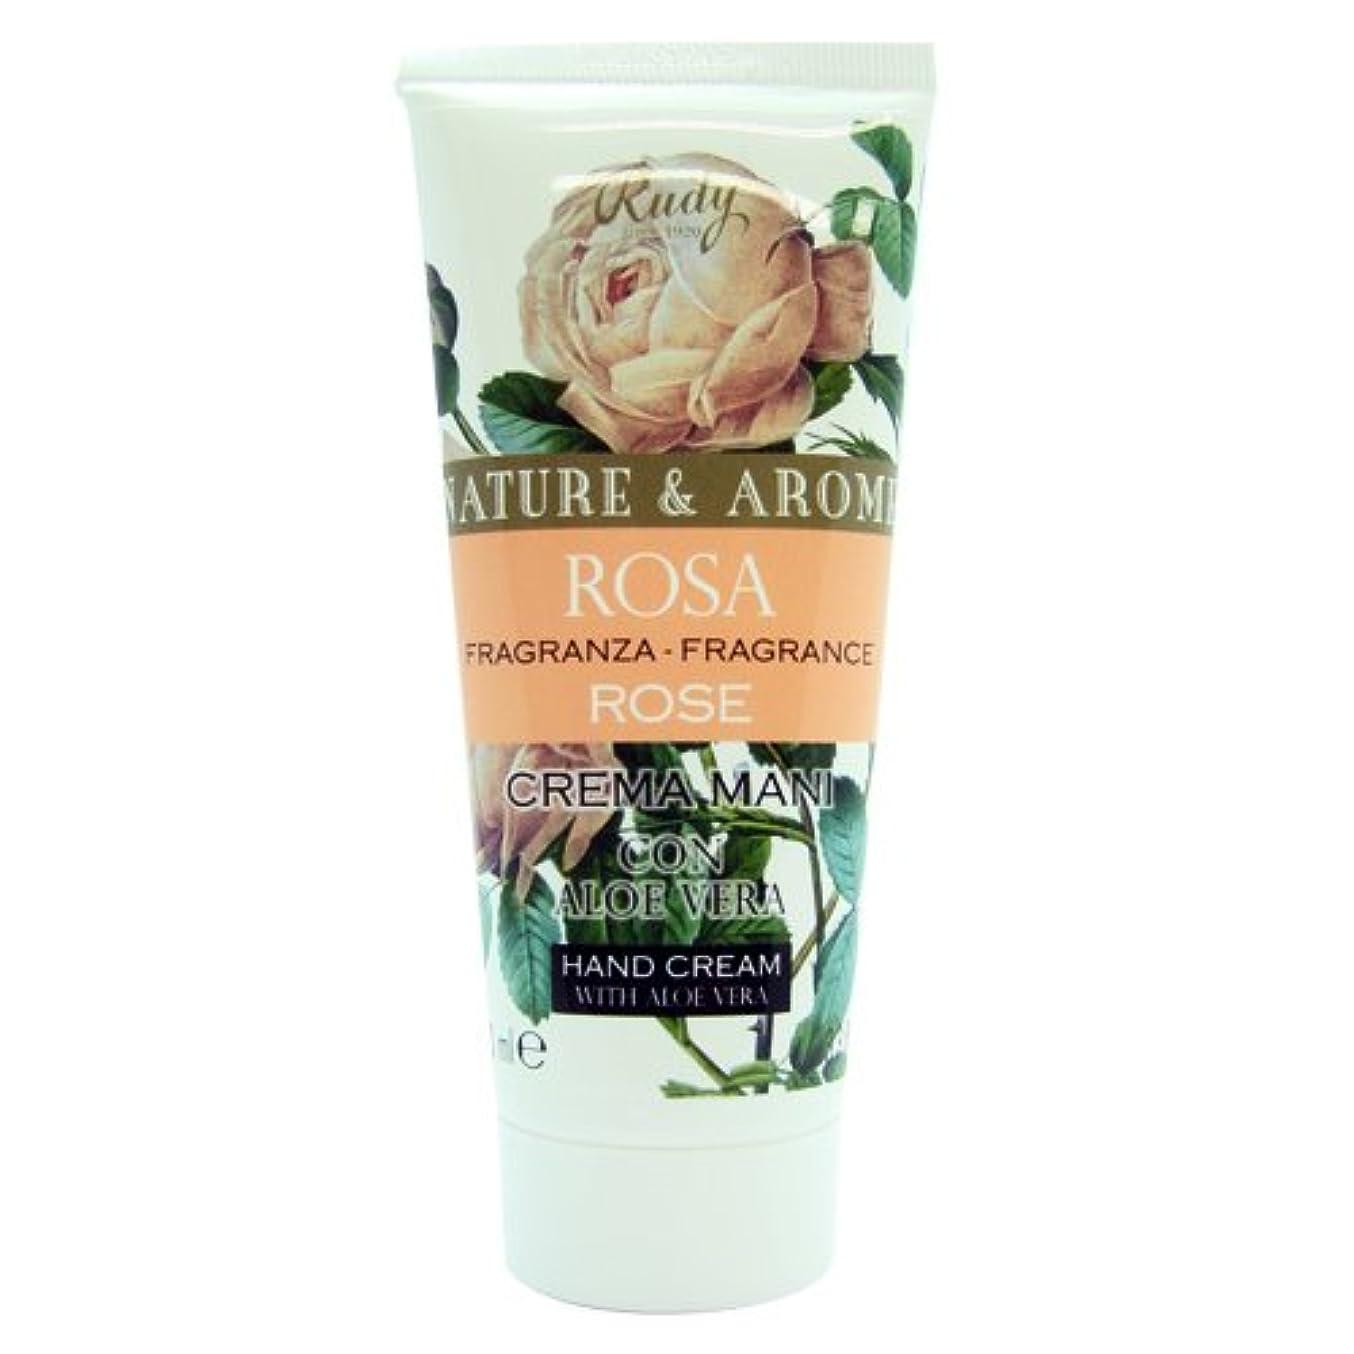 ドアミラー教育学苦行RUDY Nature&Arome SERIES ルディ ナチュール&アロマ Hand Cream ハンドクリーム Rose ローズ